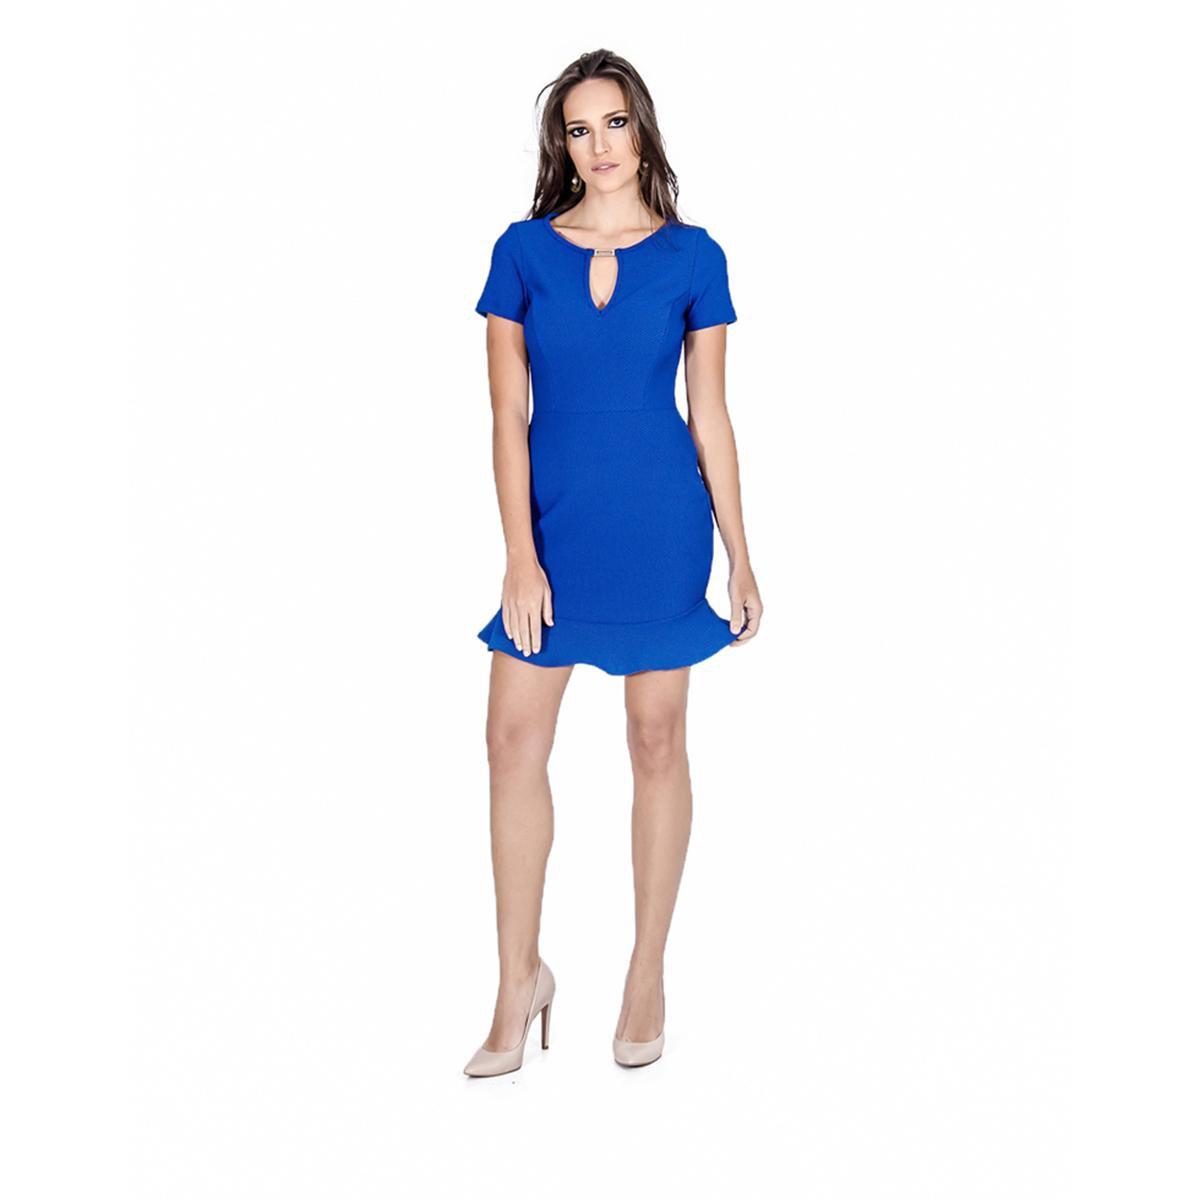 362fd5bad Vestido Sino Colcci - Azul - Compre Agora   Zattini